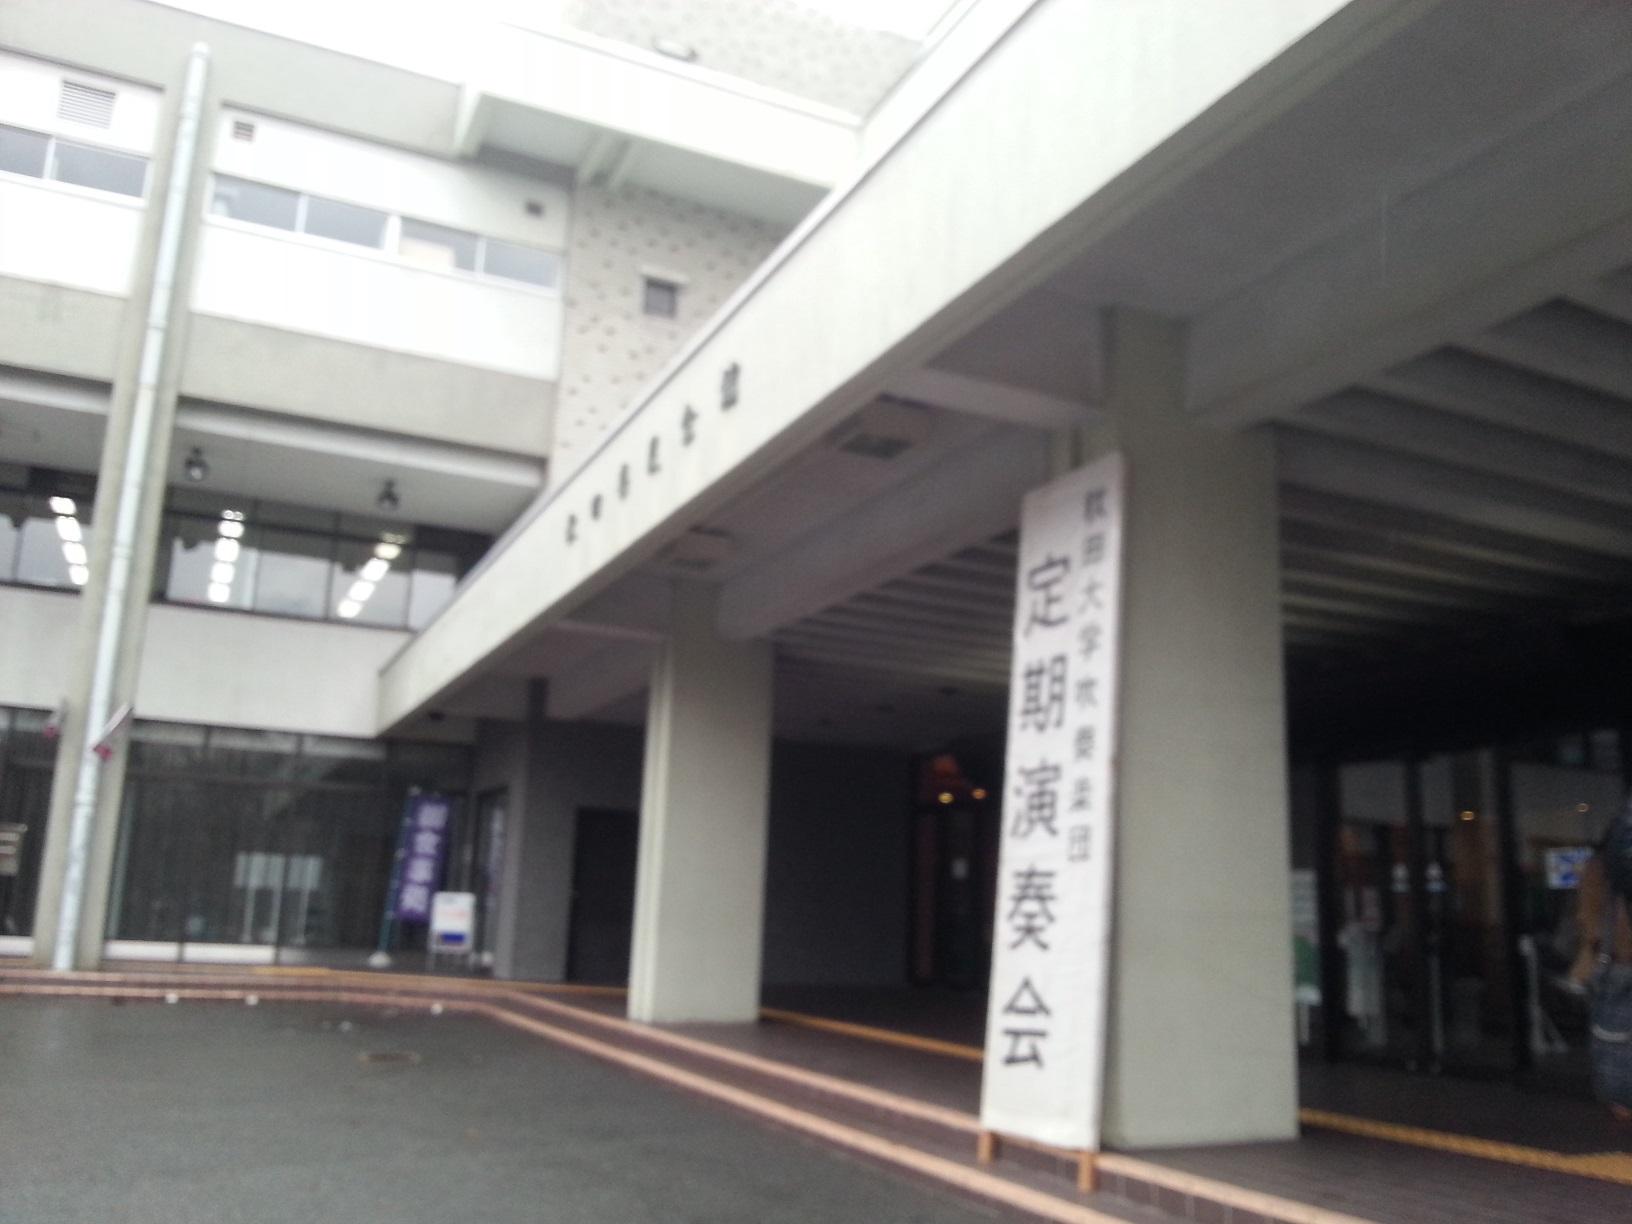 20121208_132358.jpg